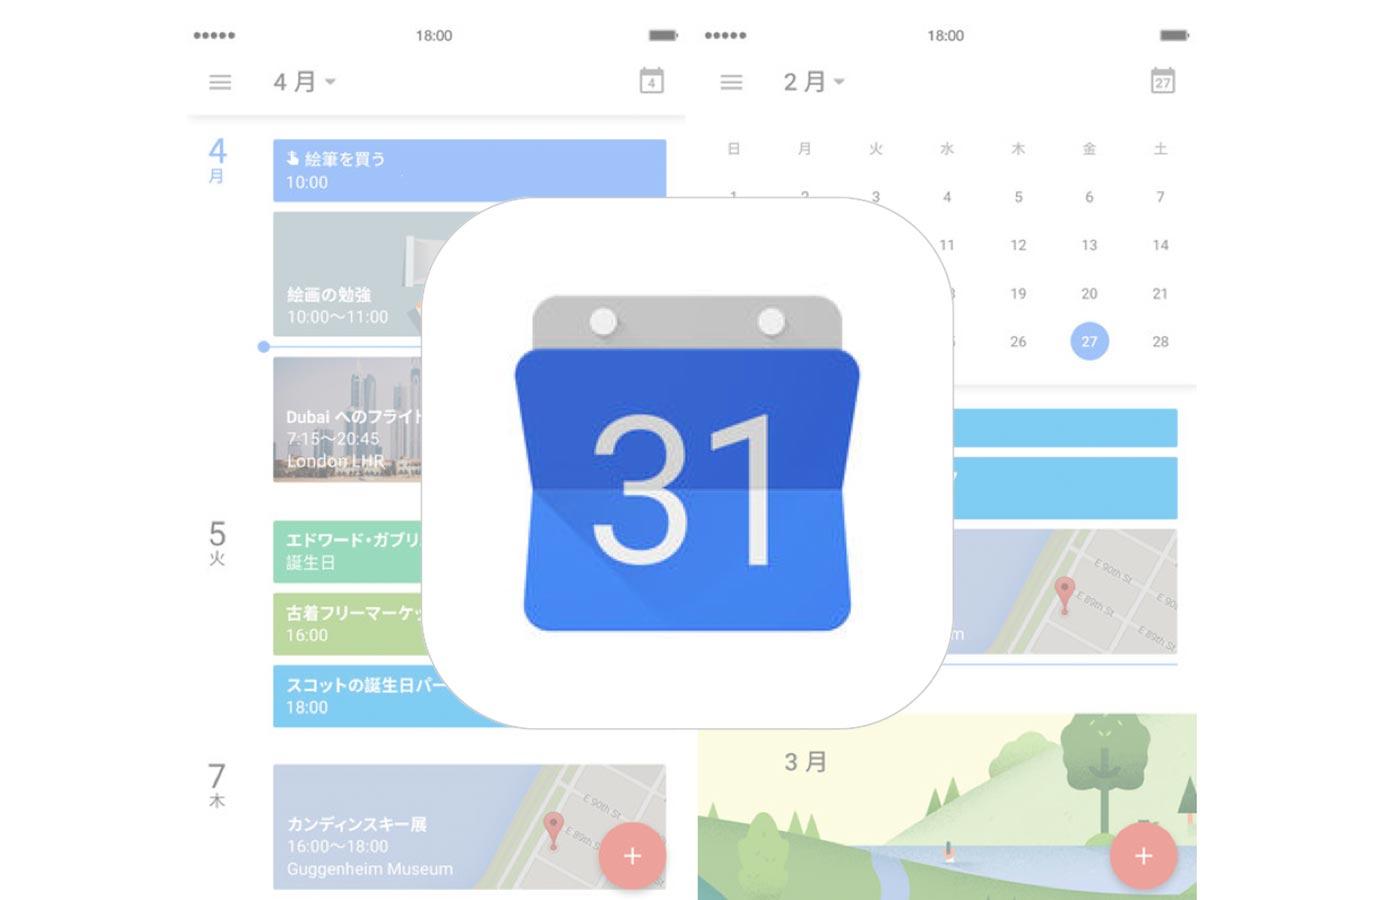 iOSアプリ「Googleカレンダー」がアップデートで「iPhone X」と「iOS 11」に対応